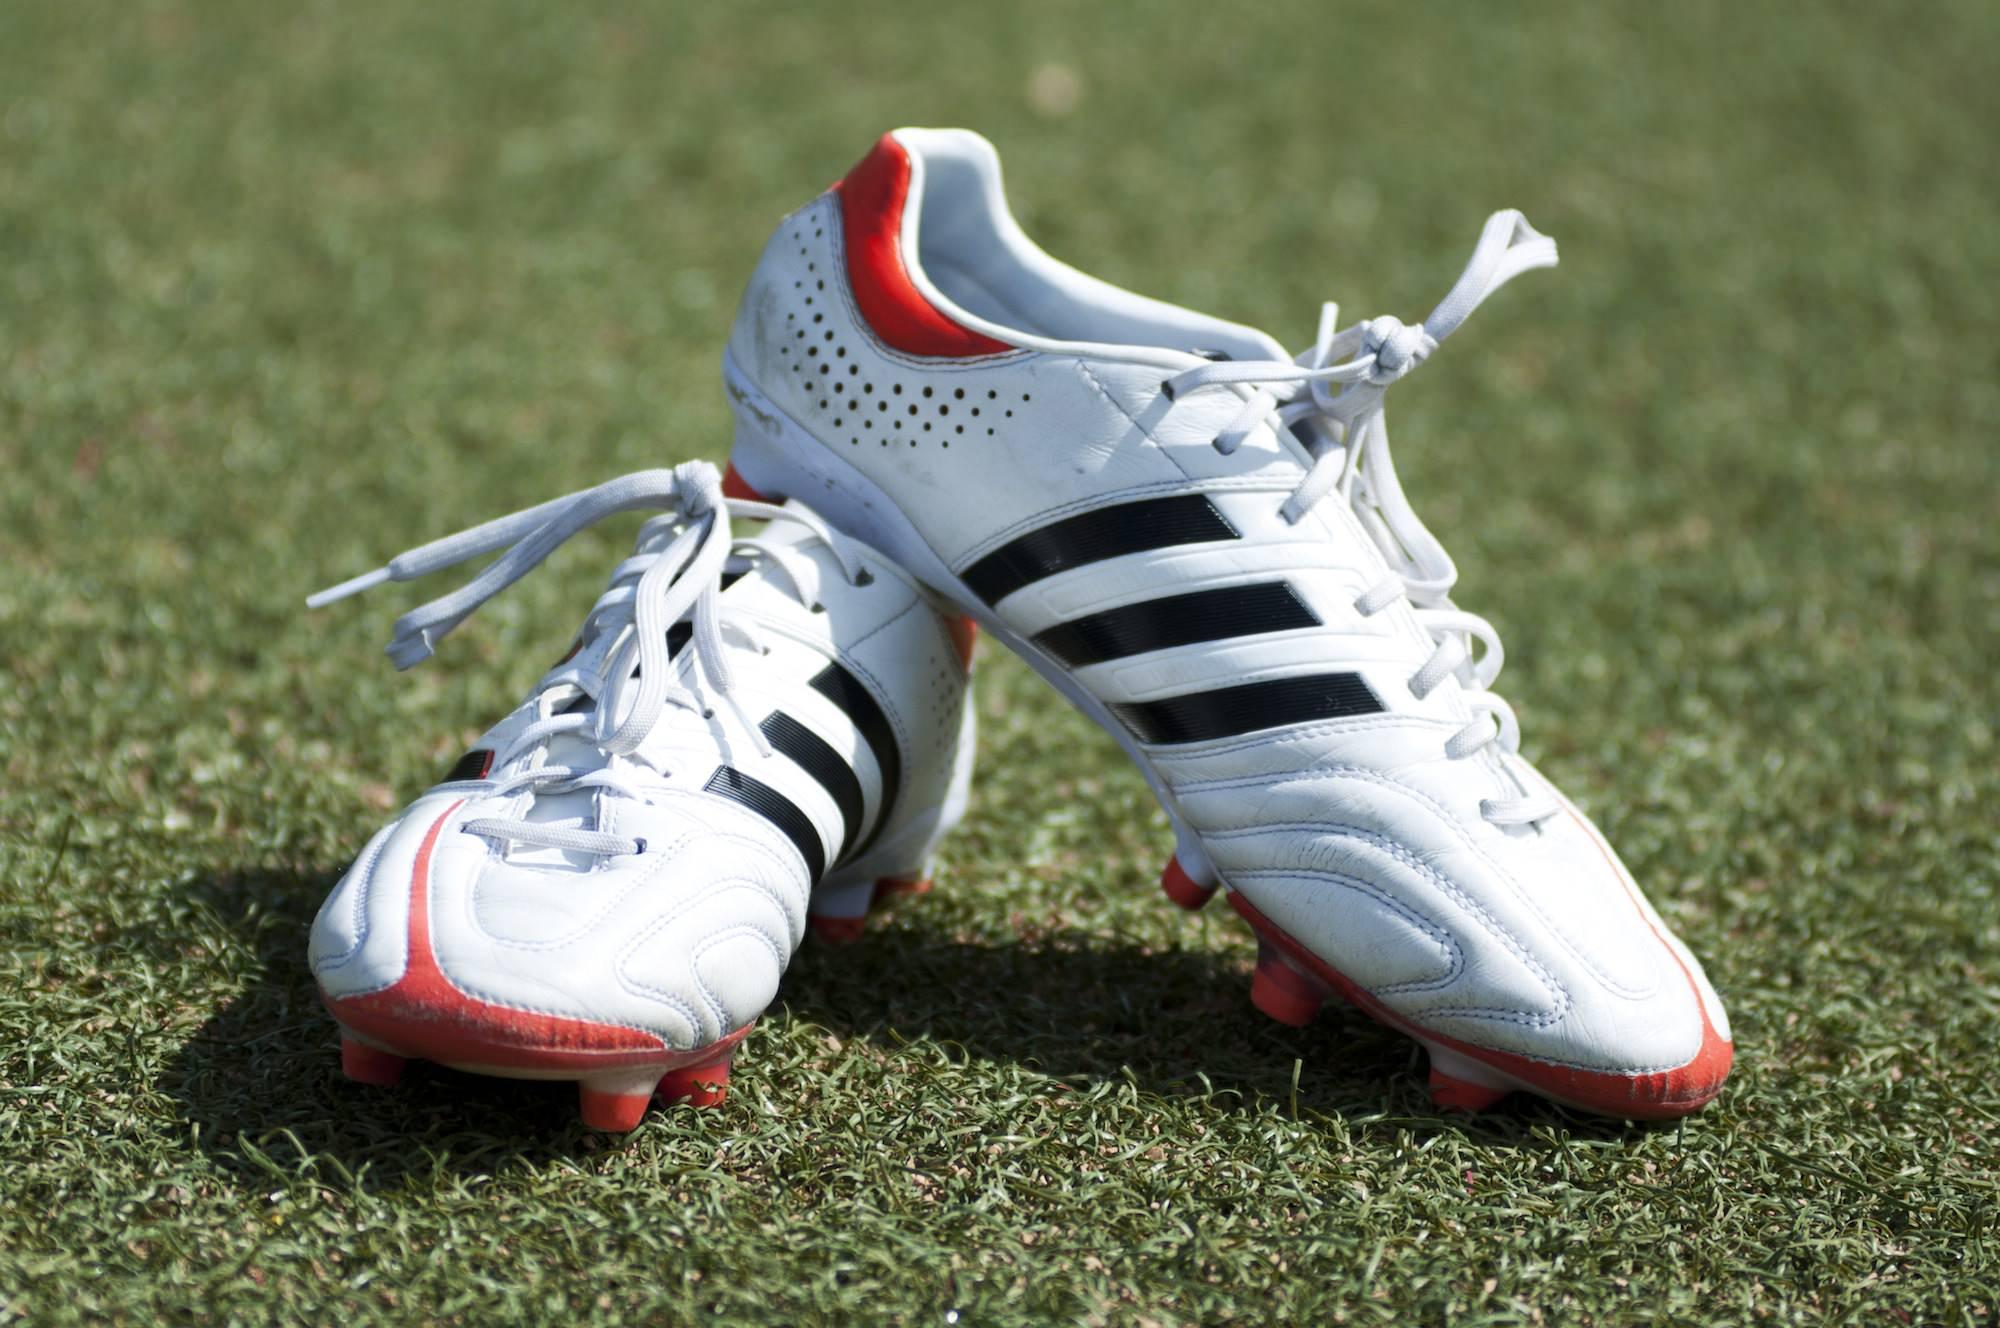 Adidas AdiPure IV Soccer Shoes